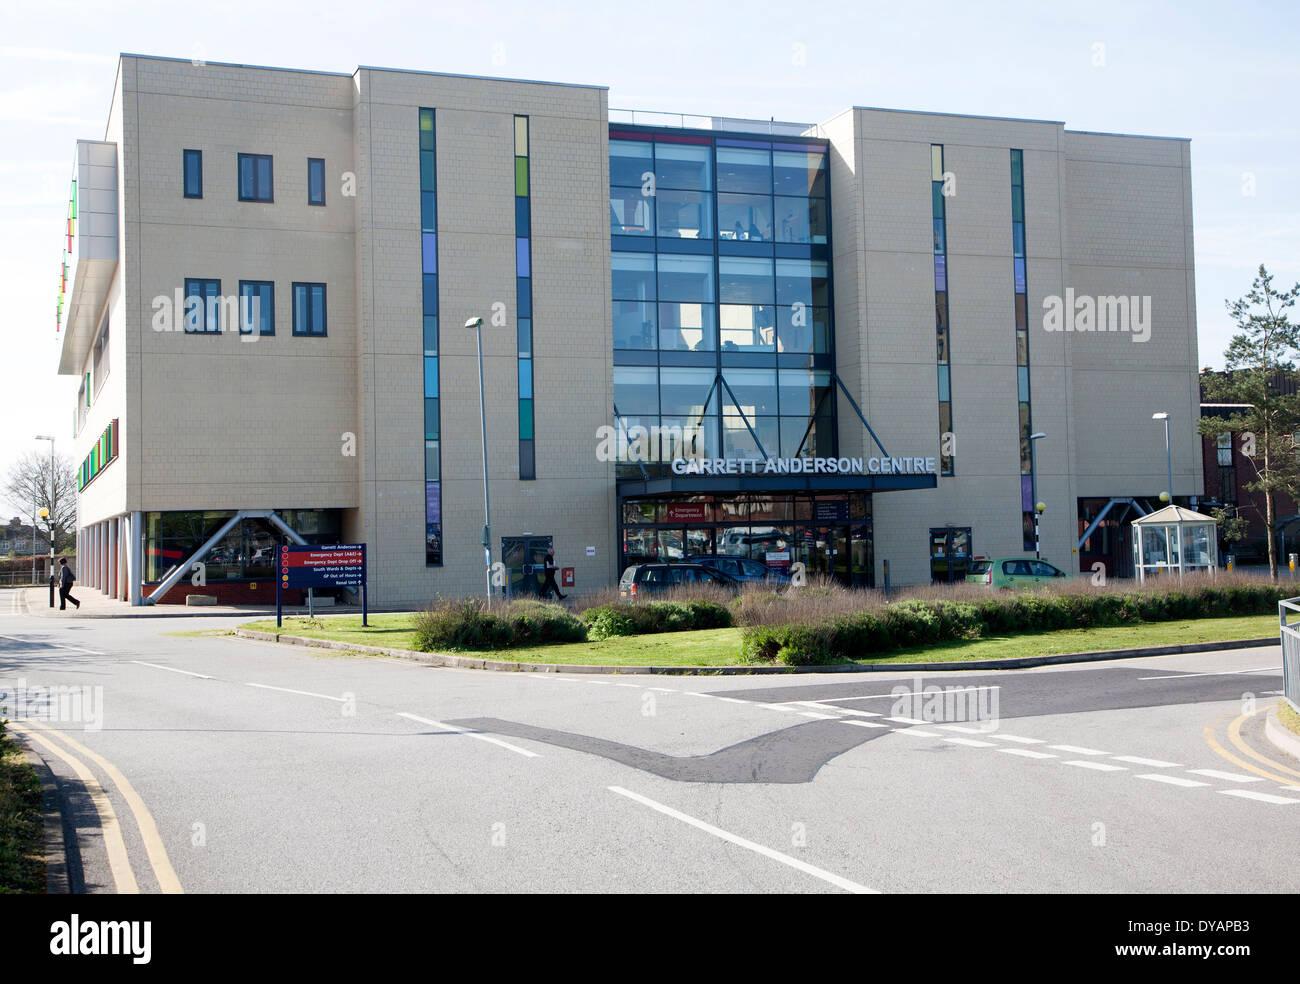 garrett-anderson-centre-ipswich-hospital